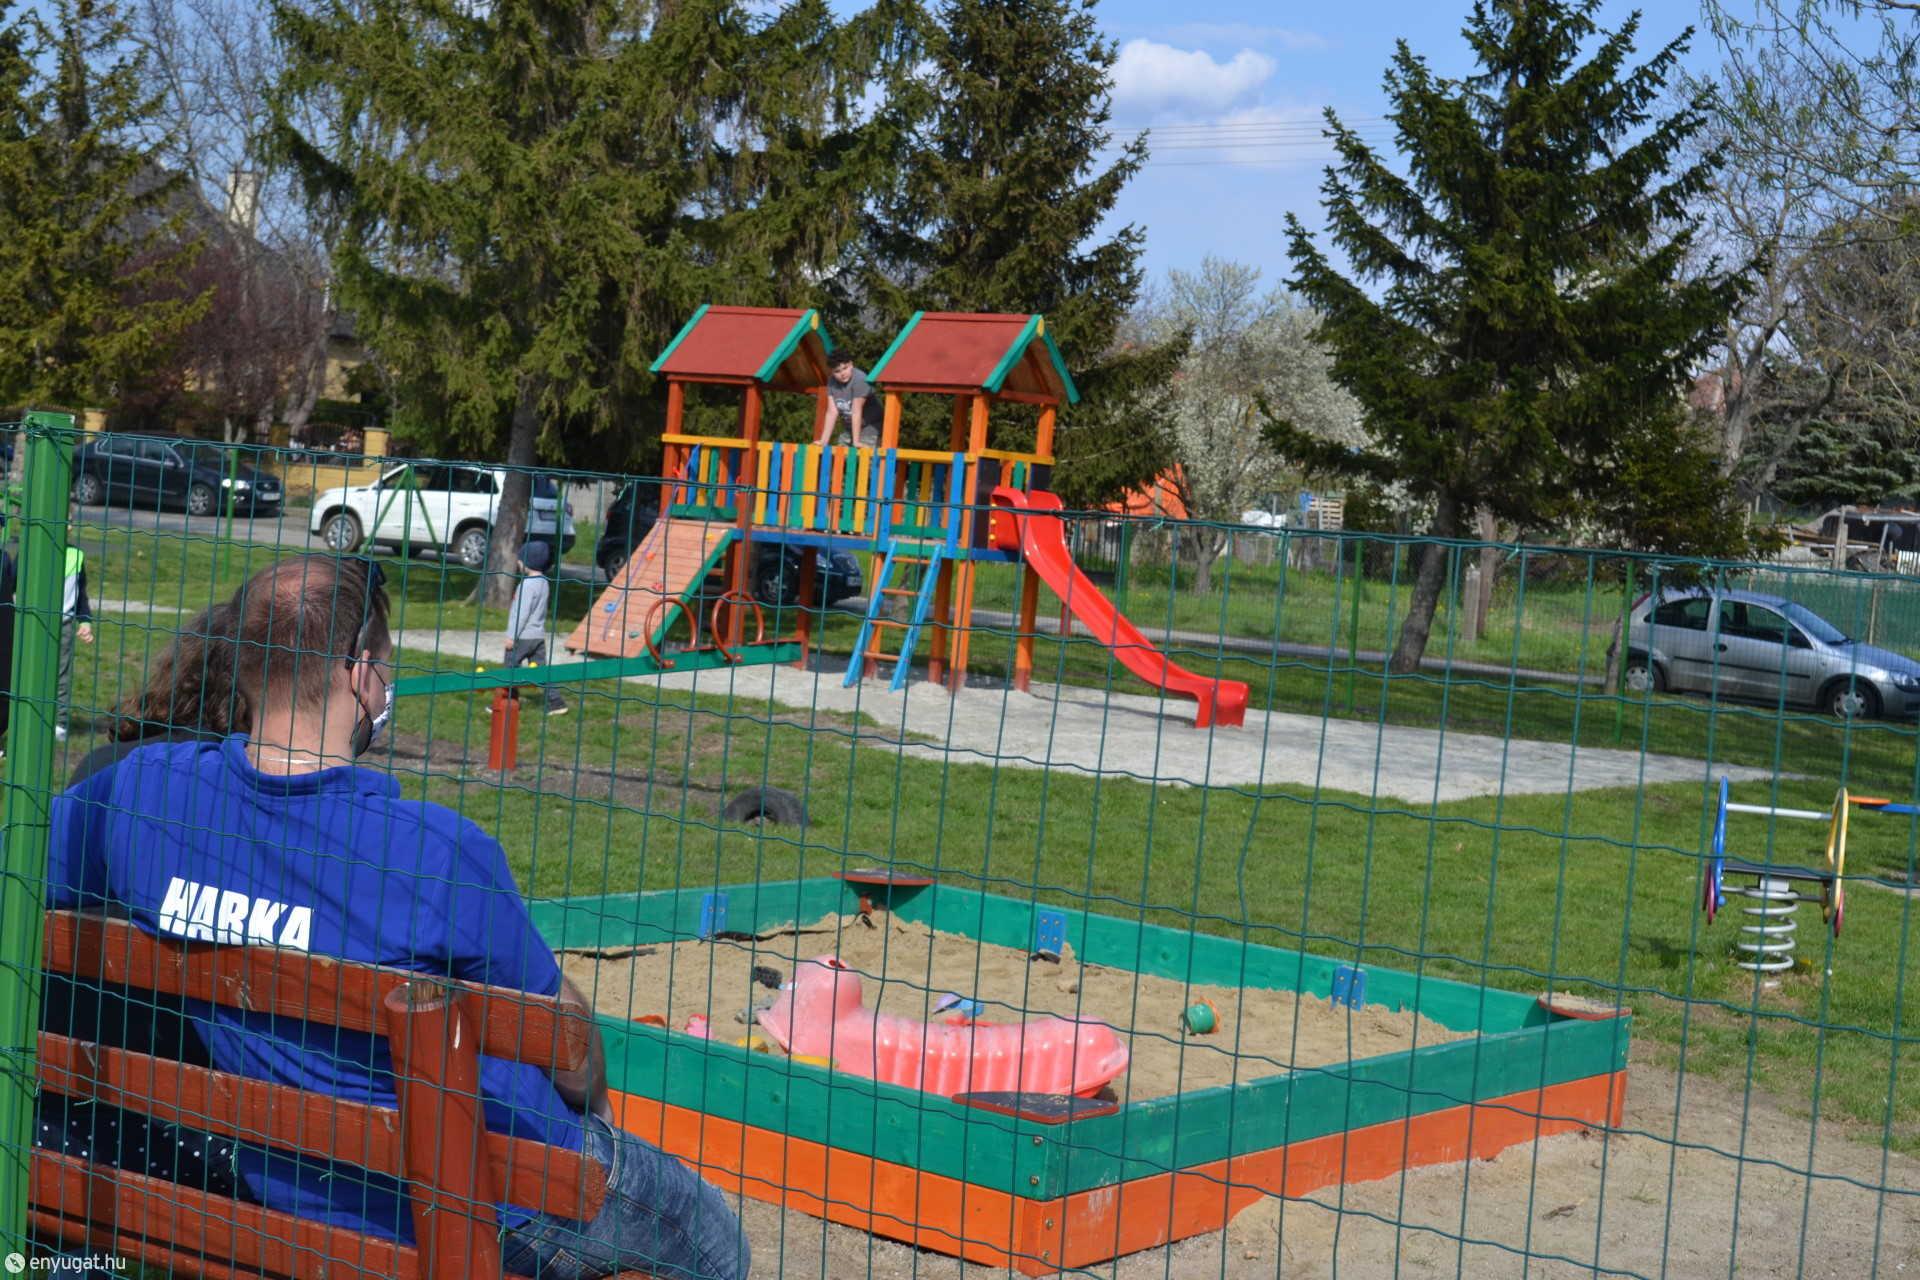 A játékszerek egy tágas, füves területen biztonságos játékot biztosítanak a harkai kicsiknek.